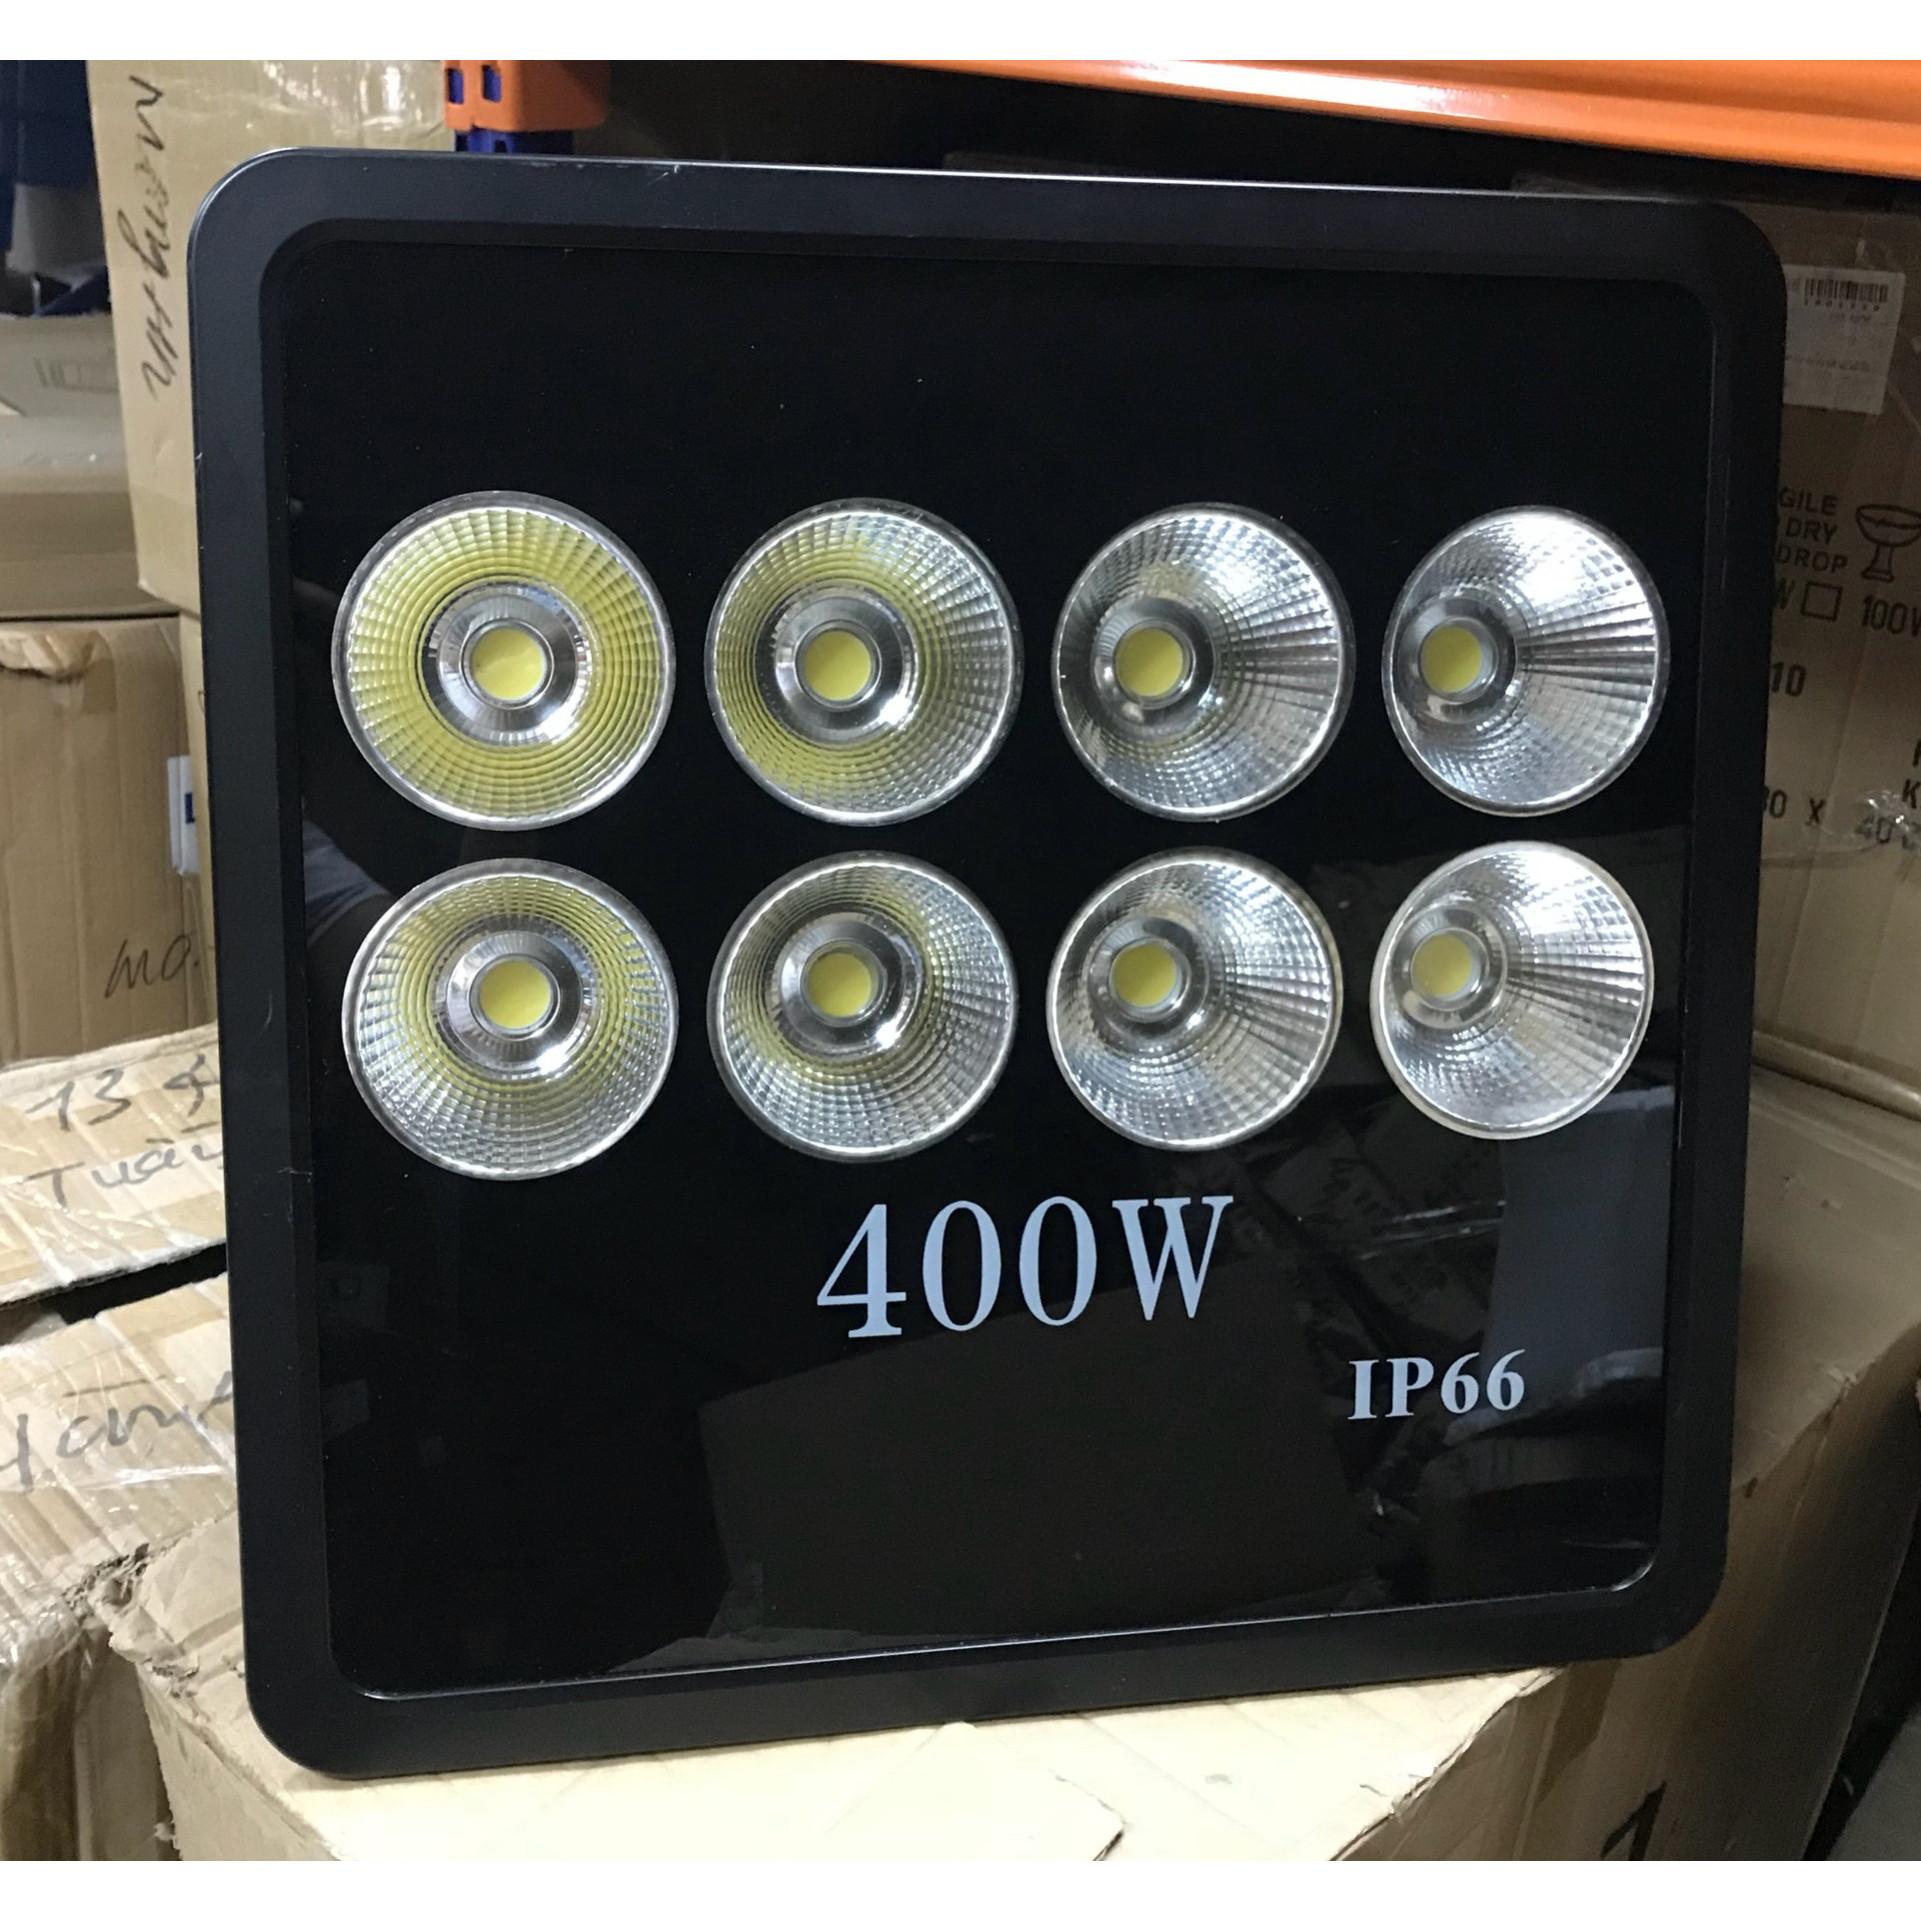 Đèn pha cốc 400w siêu sáng cao cấp